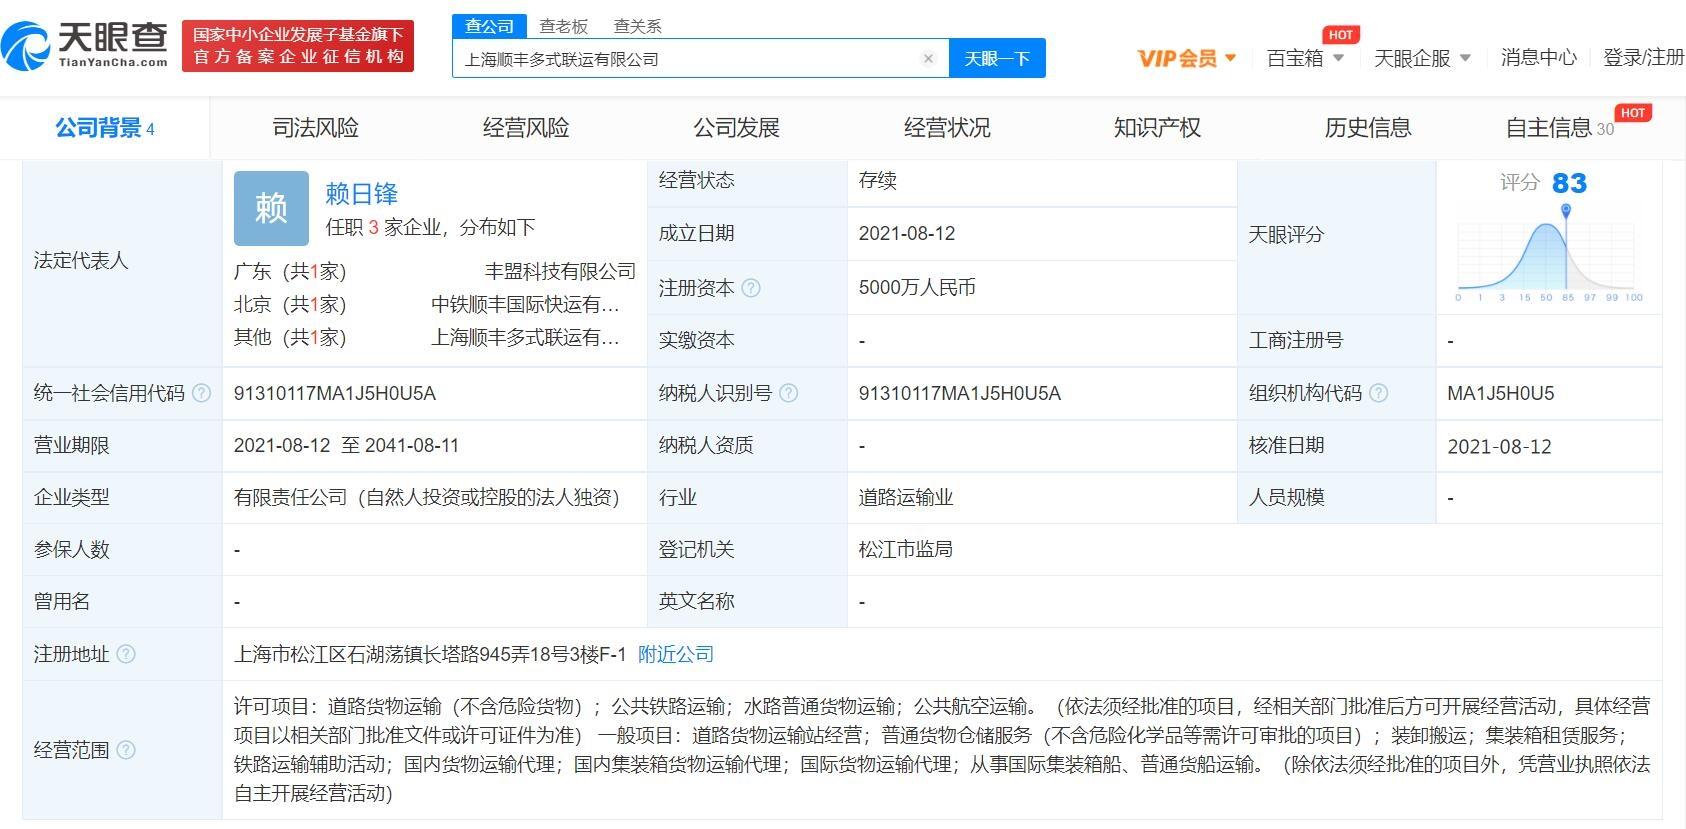 顺丰控股关联公司成立新公司 注册资本5000万